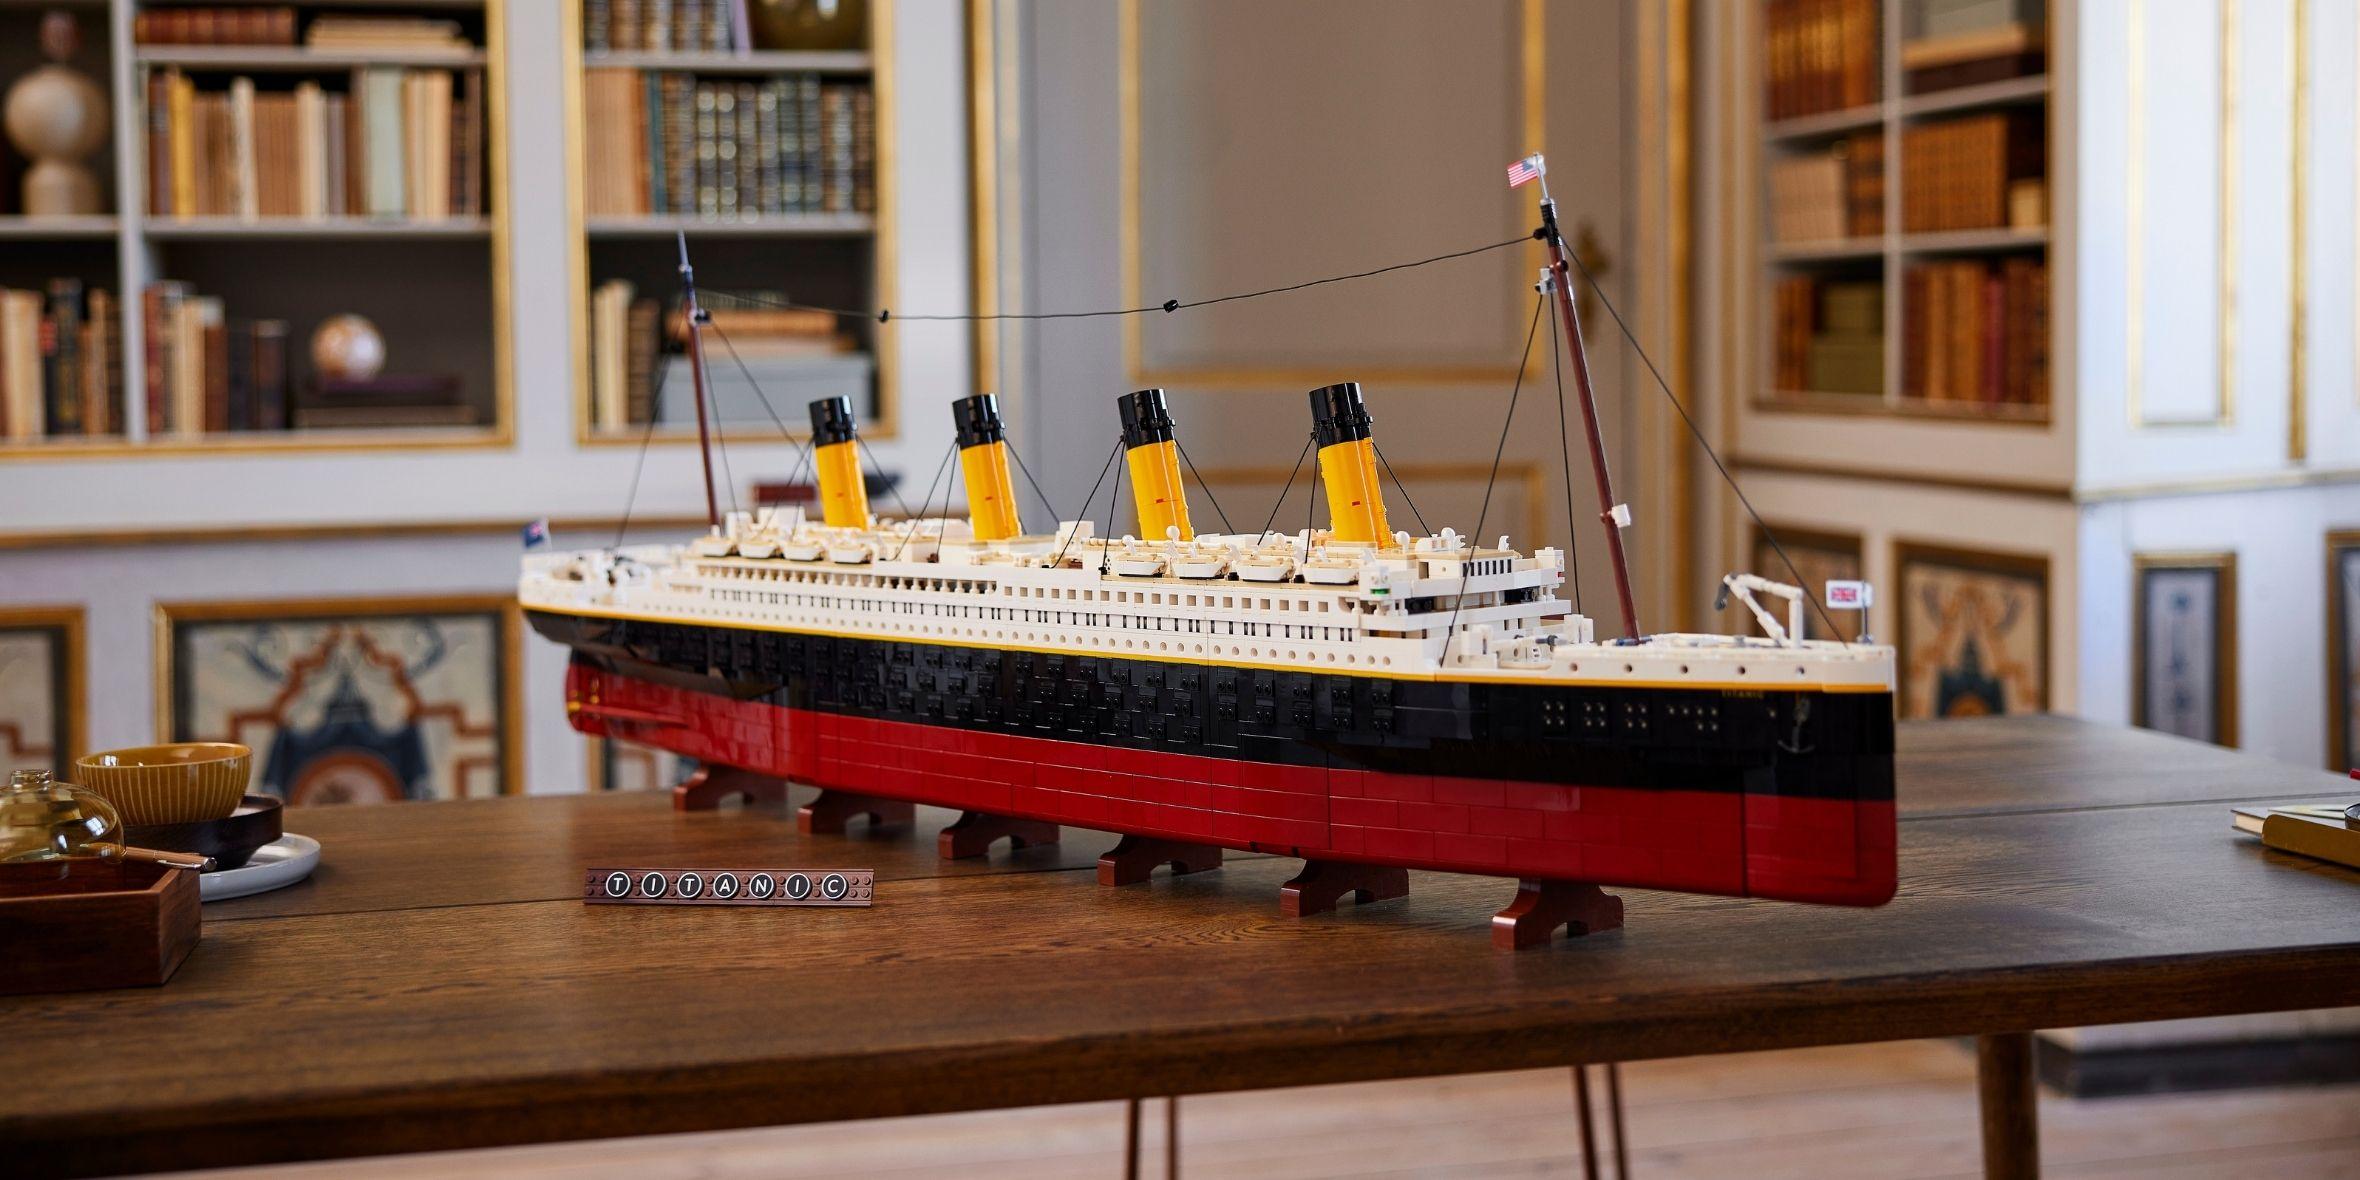 Pocta zaoceánské legendě. LEGO uvádí repliku slavného Titanicu, která měří 1,3 metru a má rekordní počet dílků thumbnail